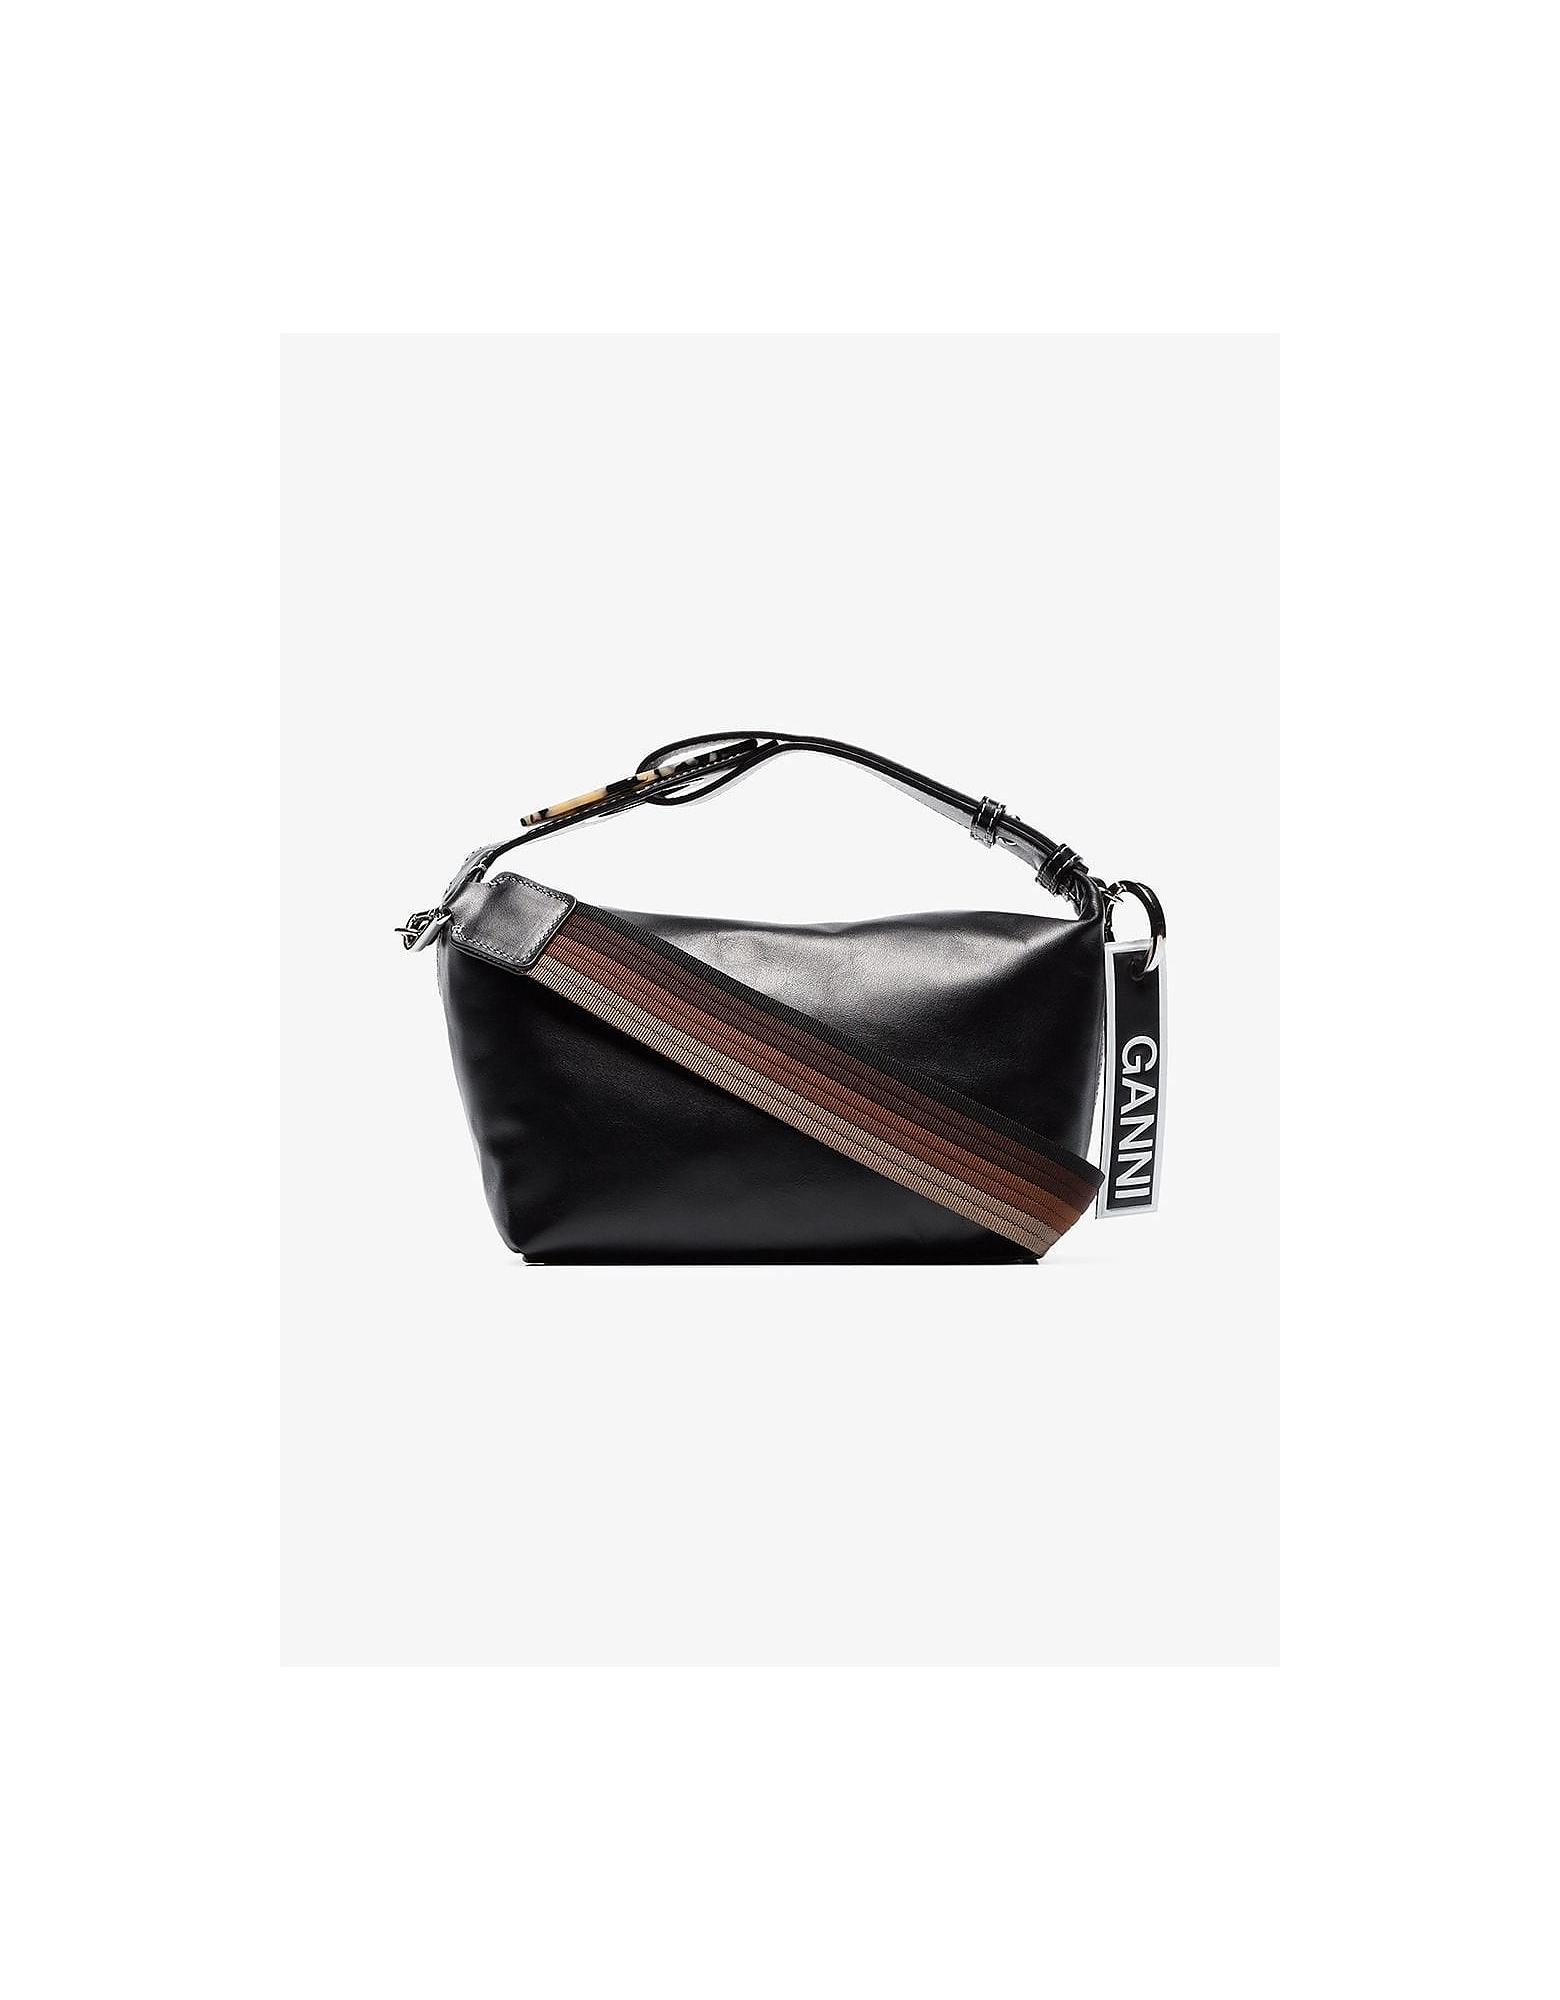 Ganni Designer Handbags, Black Dual Strap Leather Shoulder Bag